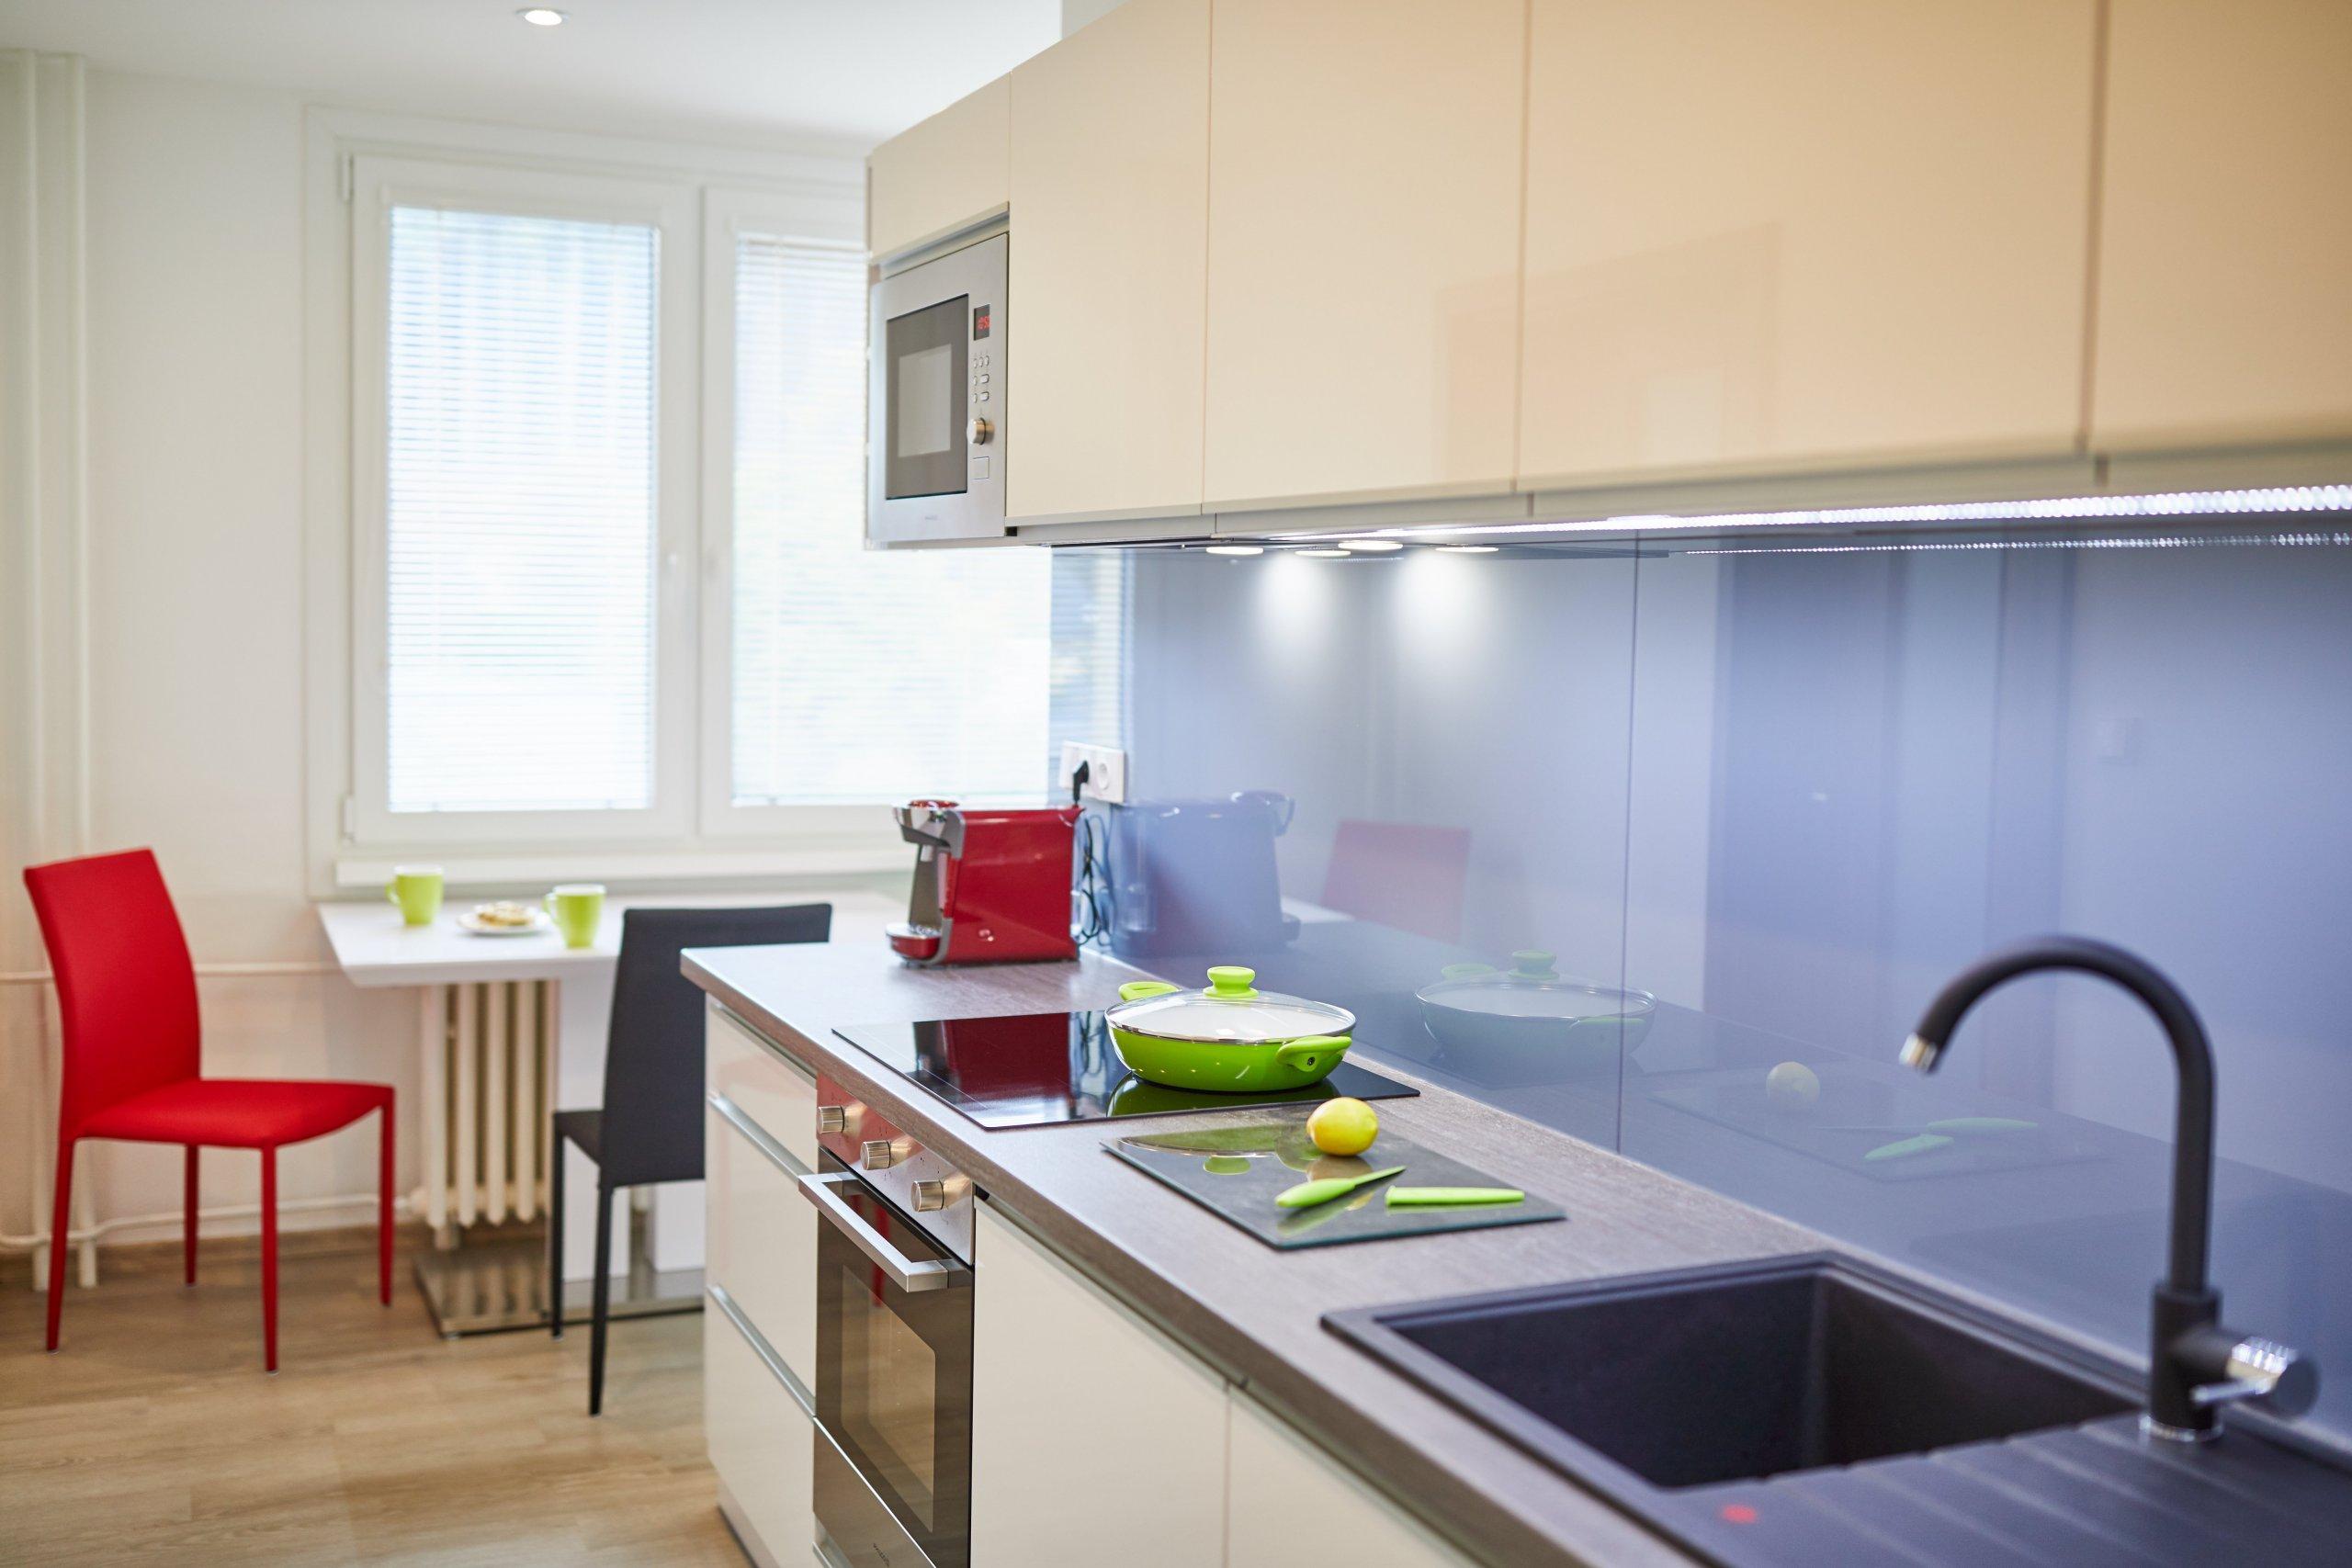 Klient Honza už dlouho plánoval rekonstrukci bytového jádra. Nebyl si jistý dispozicí koupelny a výběrem materiálů a barev, protooslovil designérku Dášu…